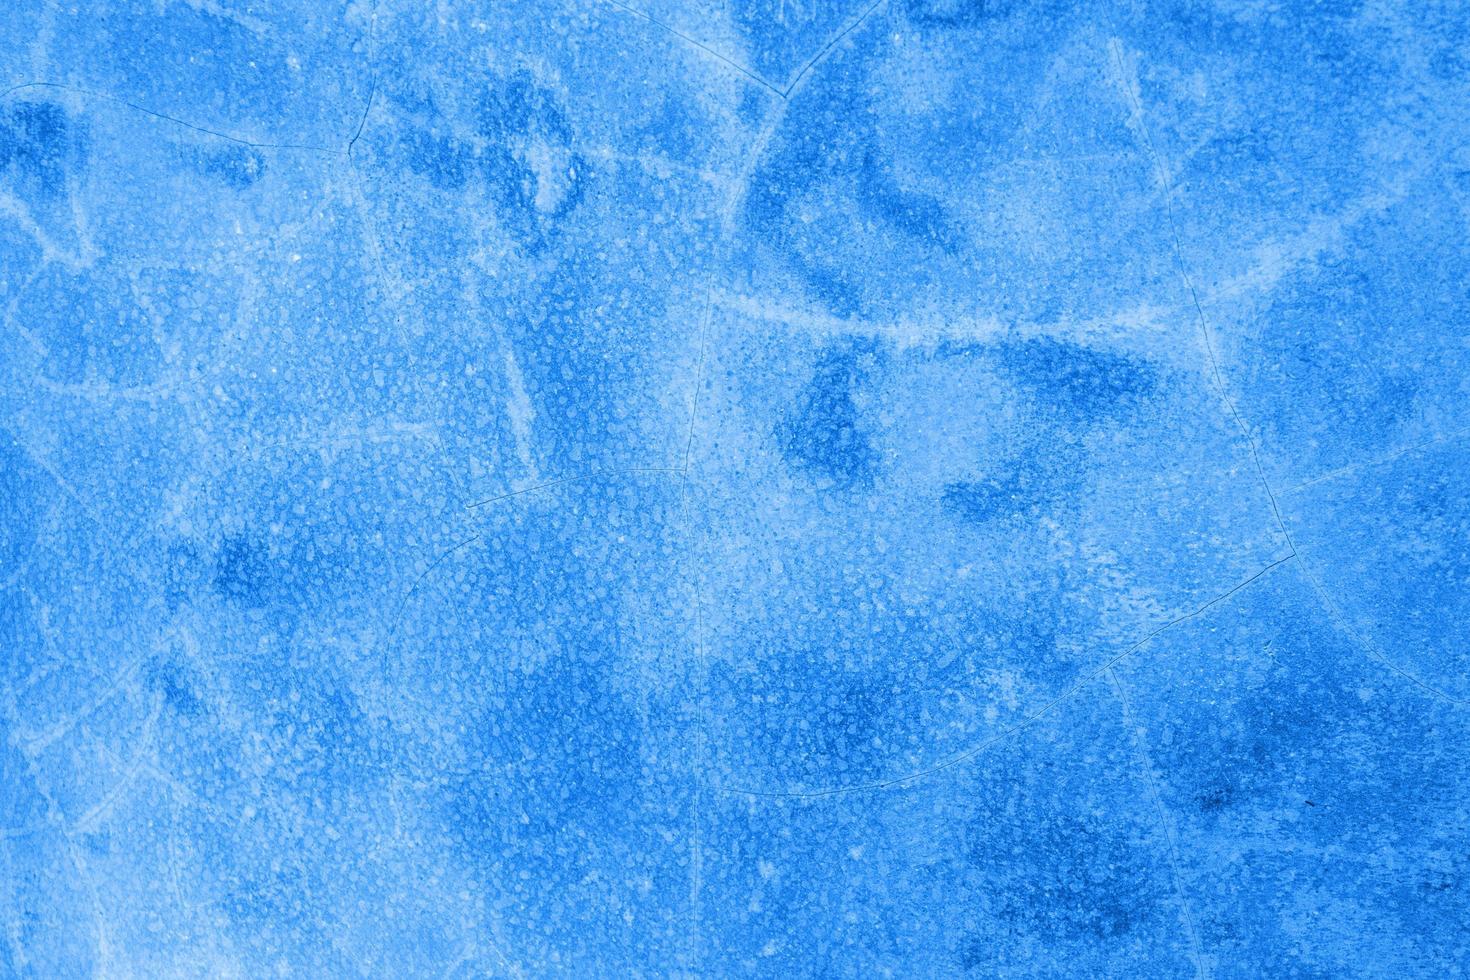 acqua blu della piscina foto